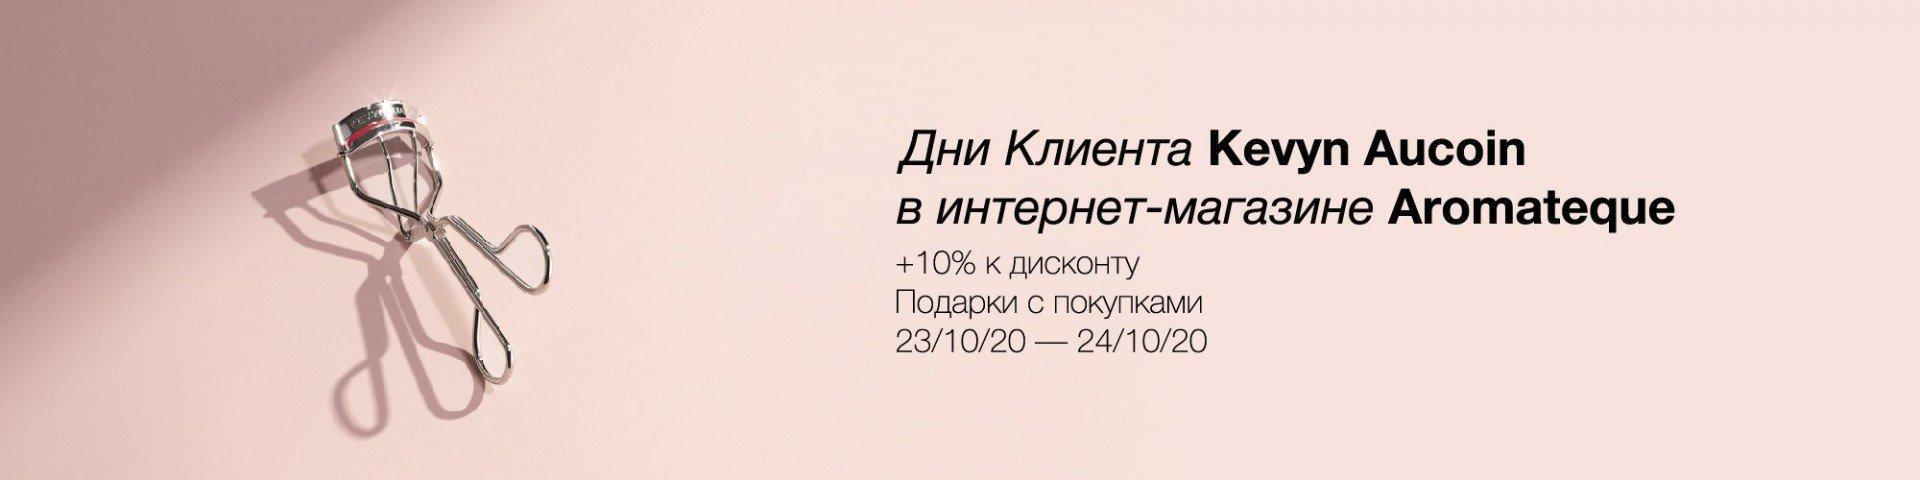 Kevyn Aucoin 23.10